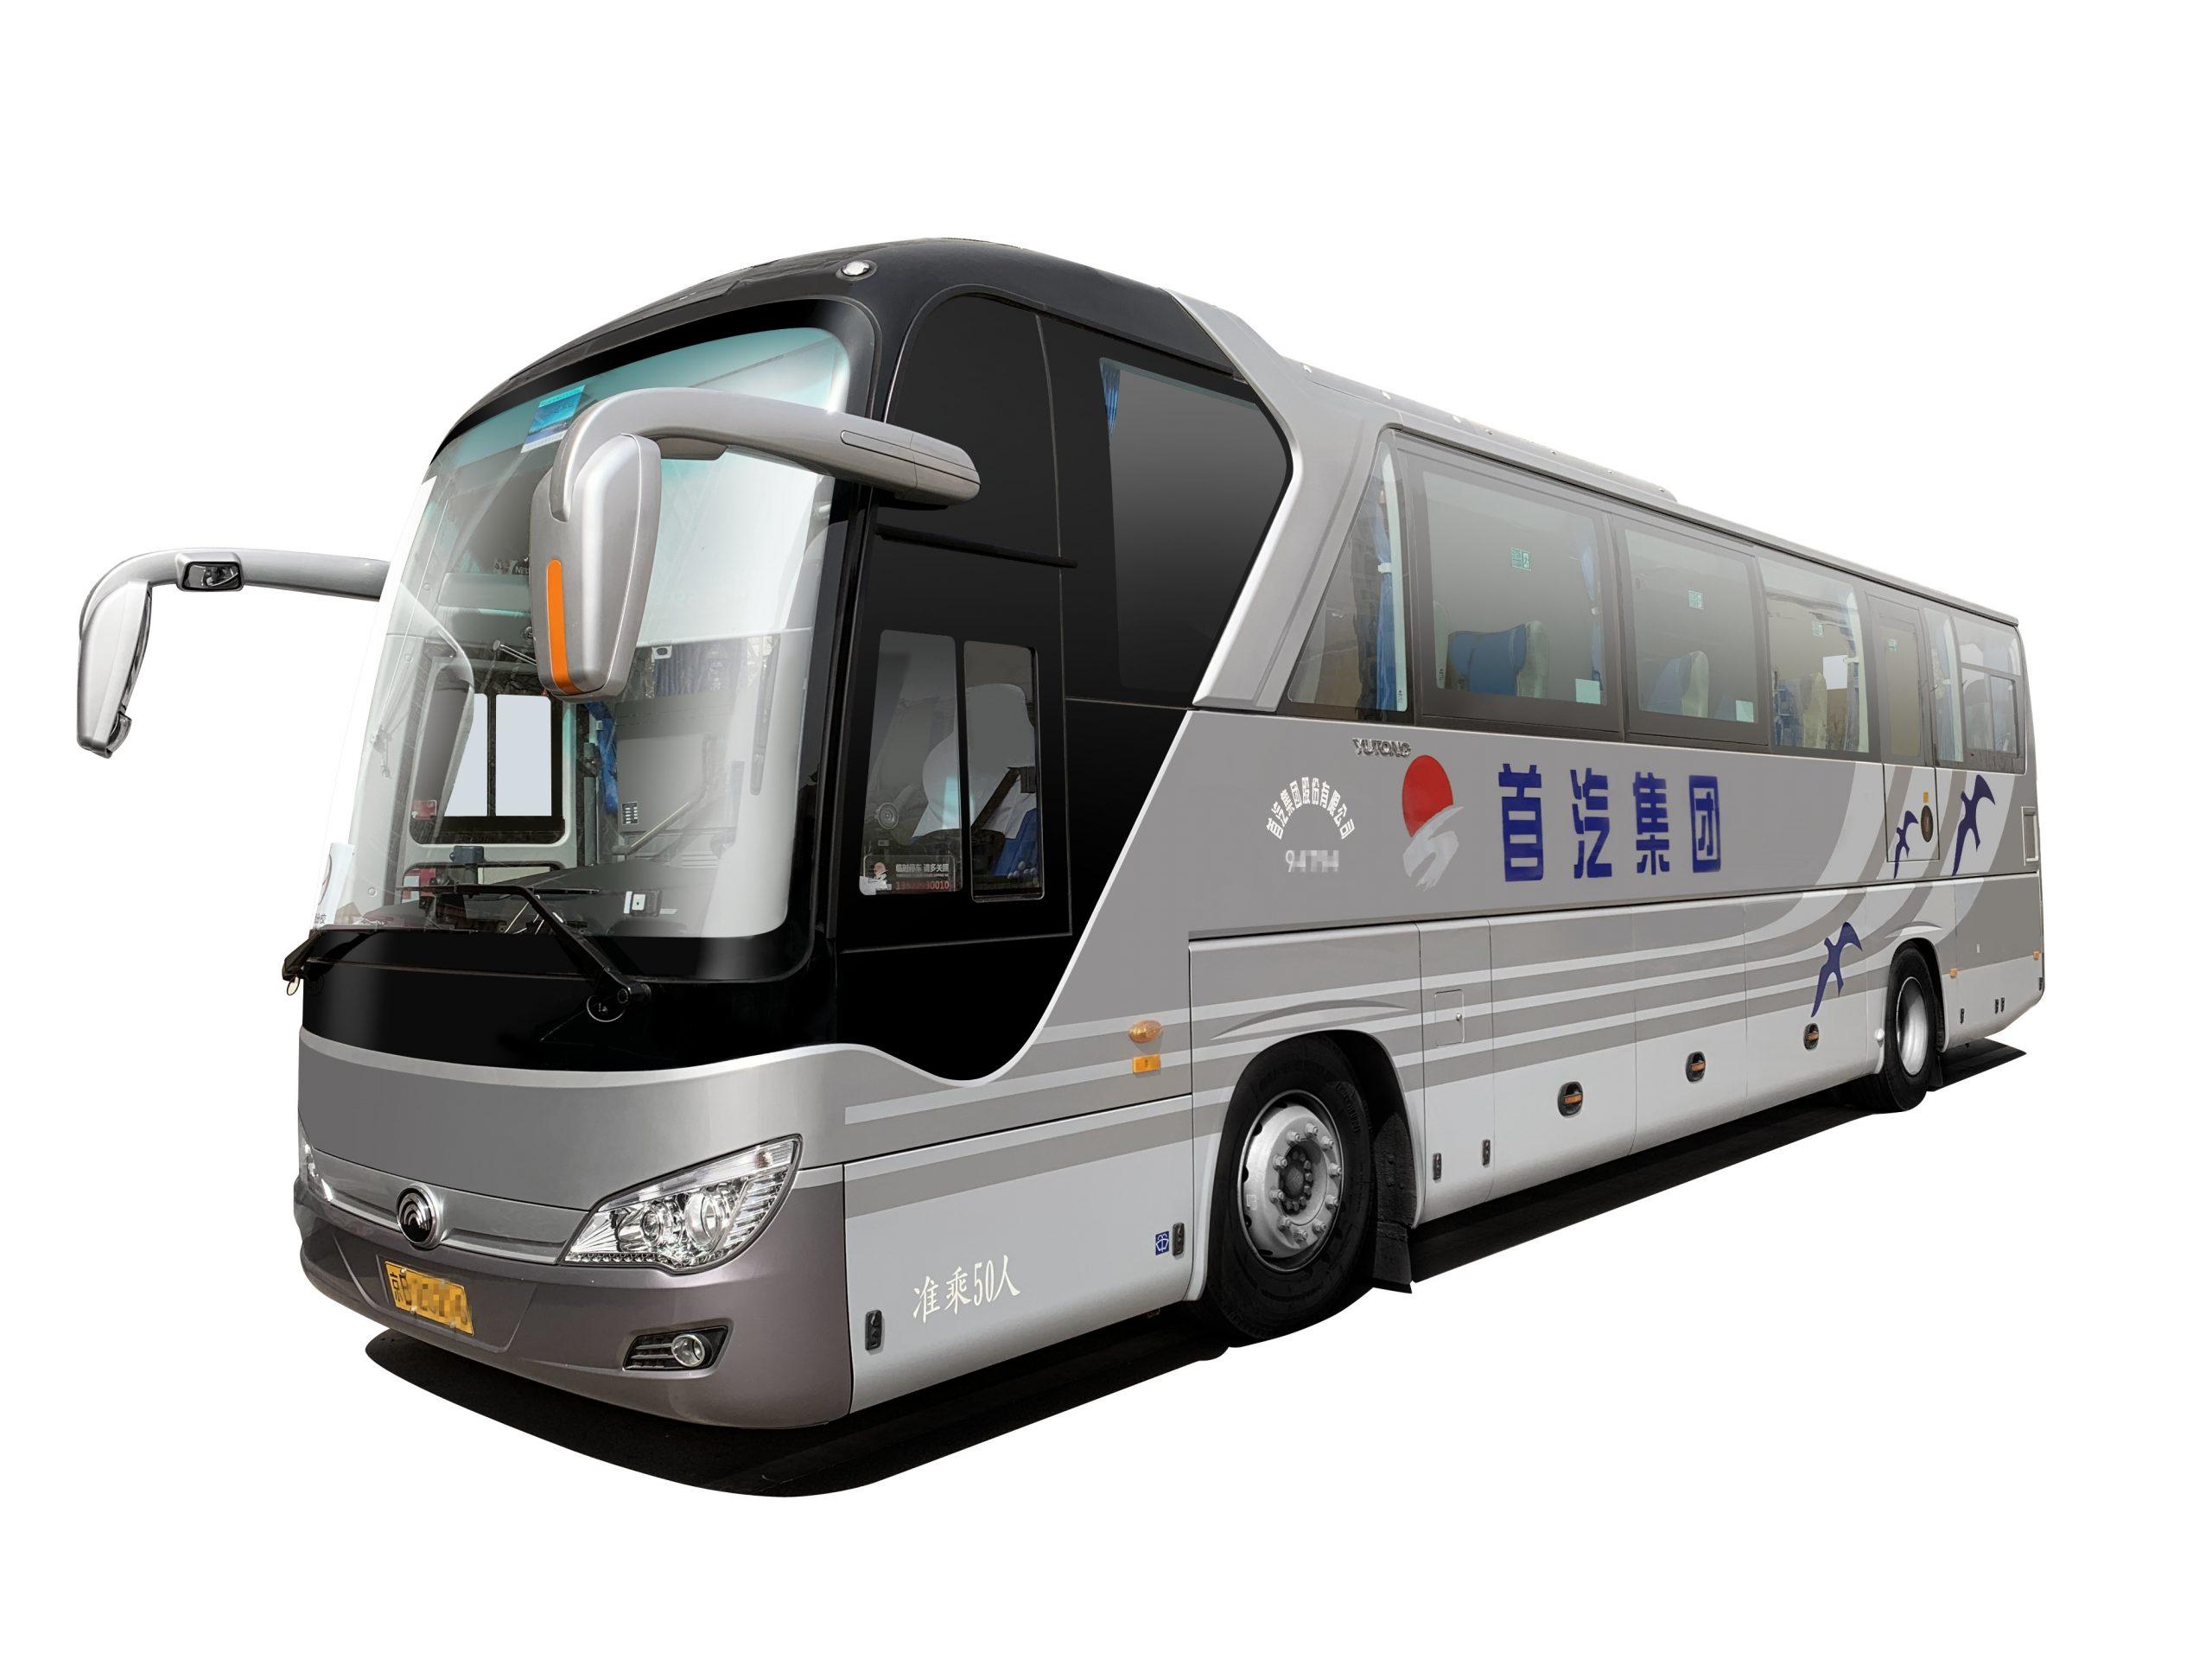 北京首汽租车-大巴车租赁-旅游大巴租赁插图